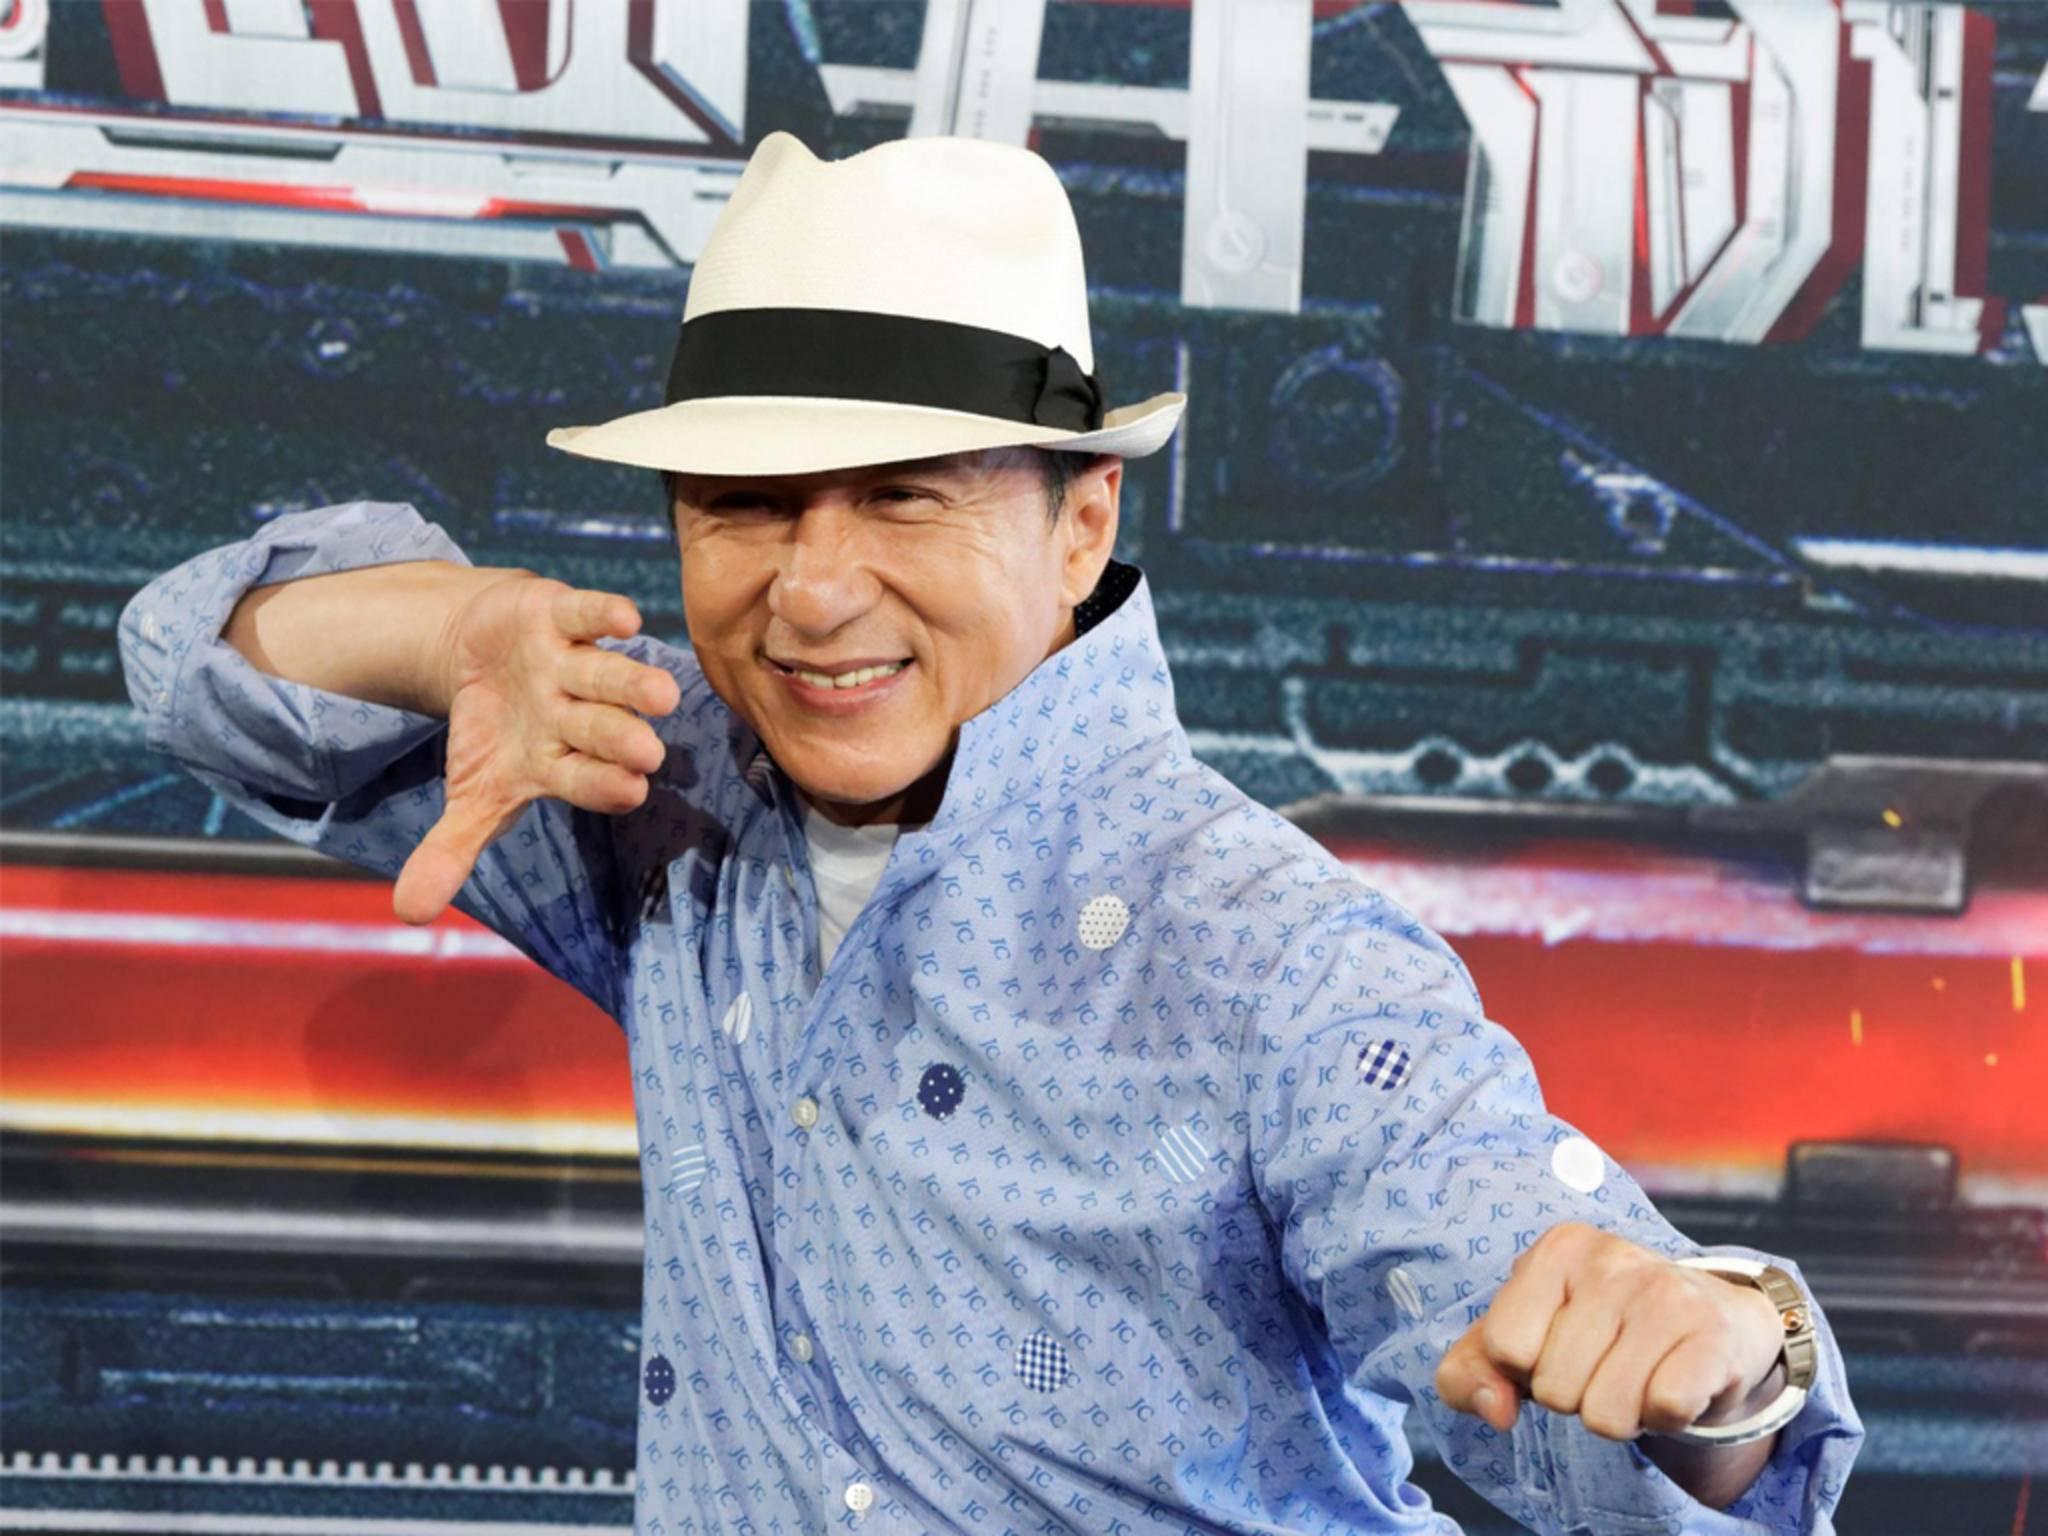 Preis fürs Lebenswerk: Jackie Chan erhält bei den Oscars 2017 einen Governor's Award